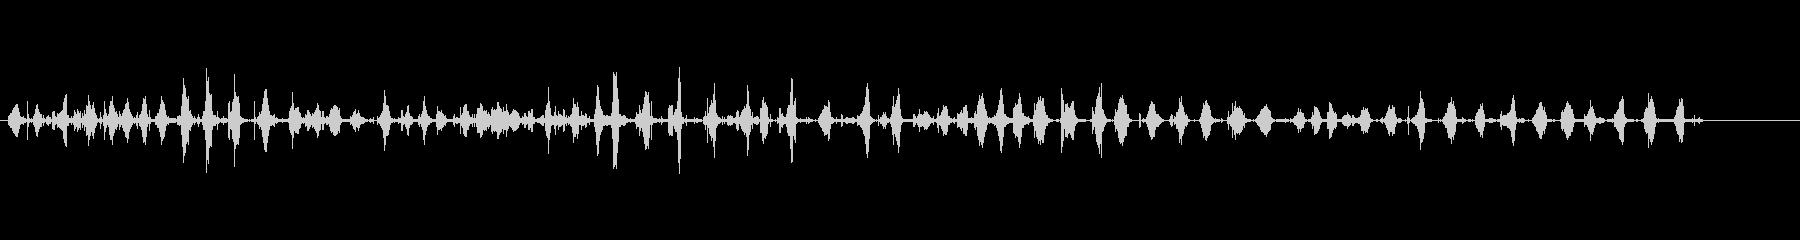 パブパブ数人の未再生の波形